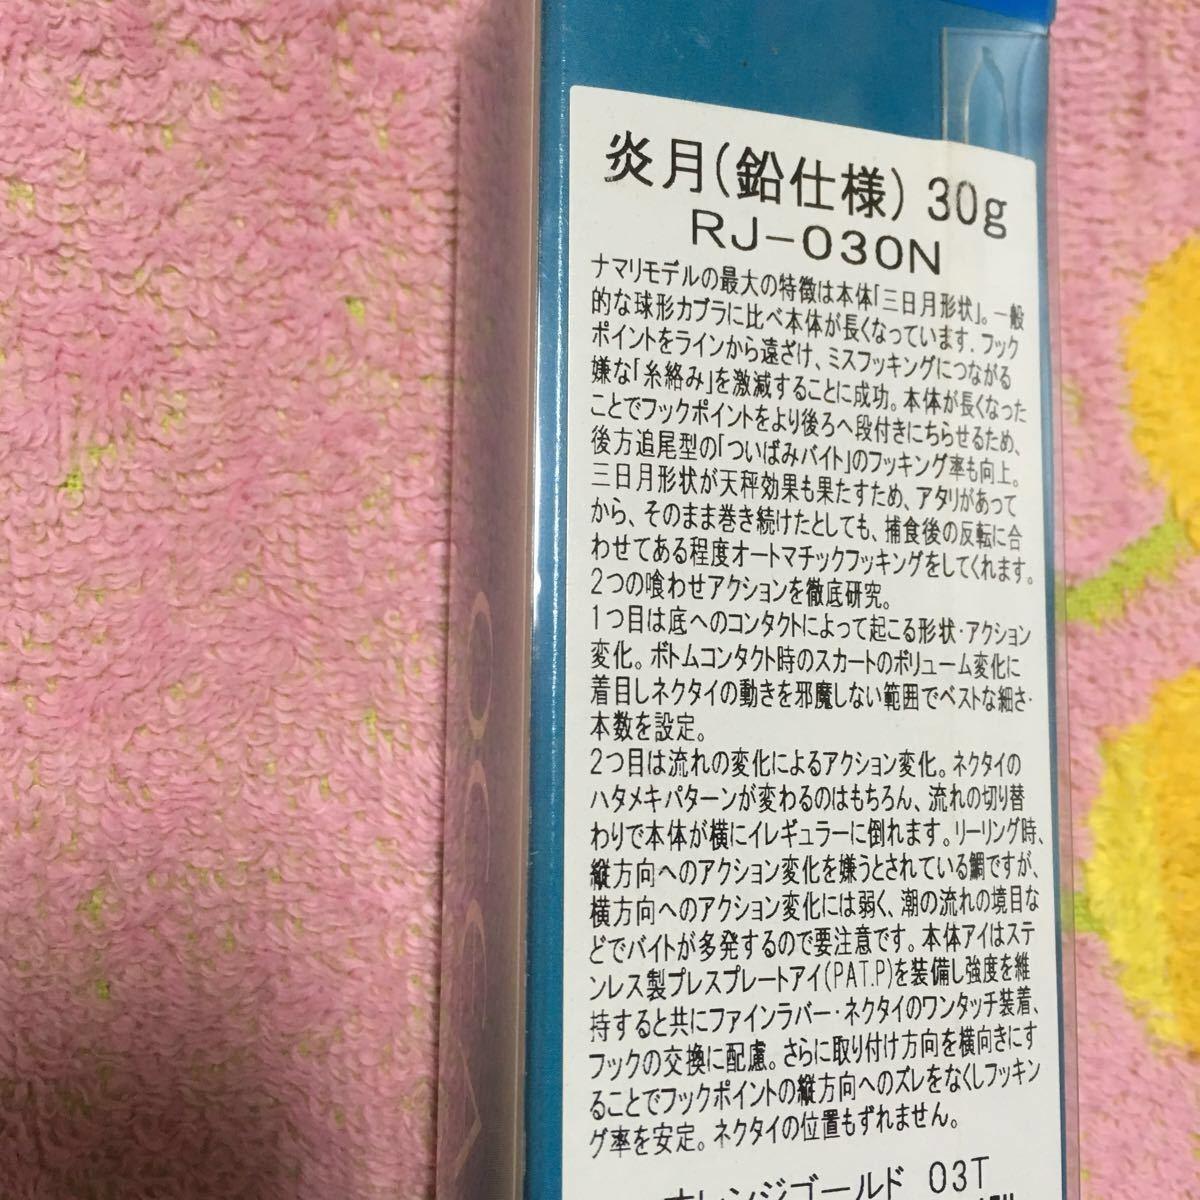 シマノ 炎月 タイラバ 未使用品_画像5